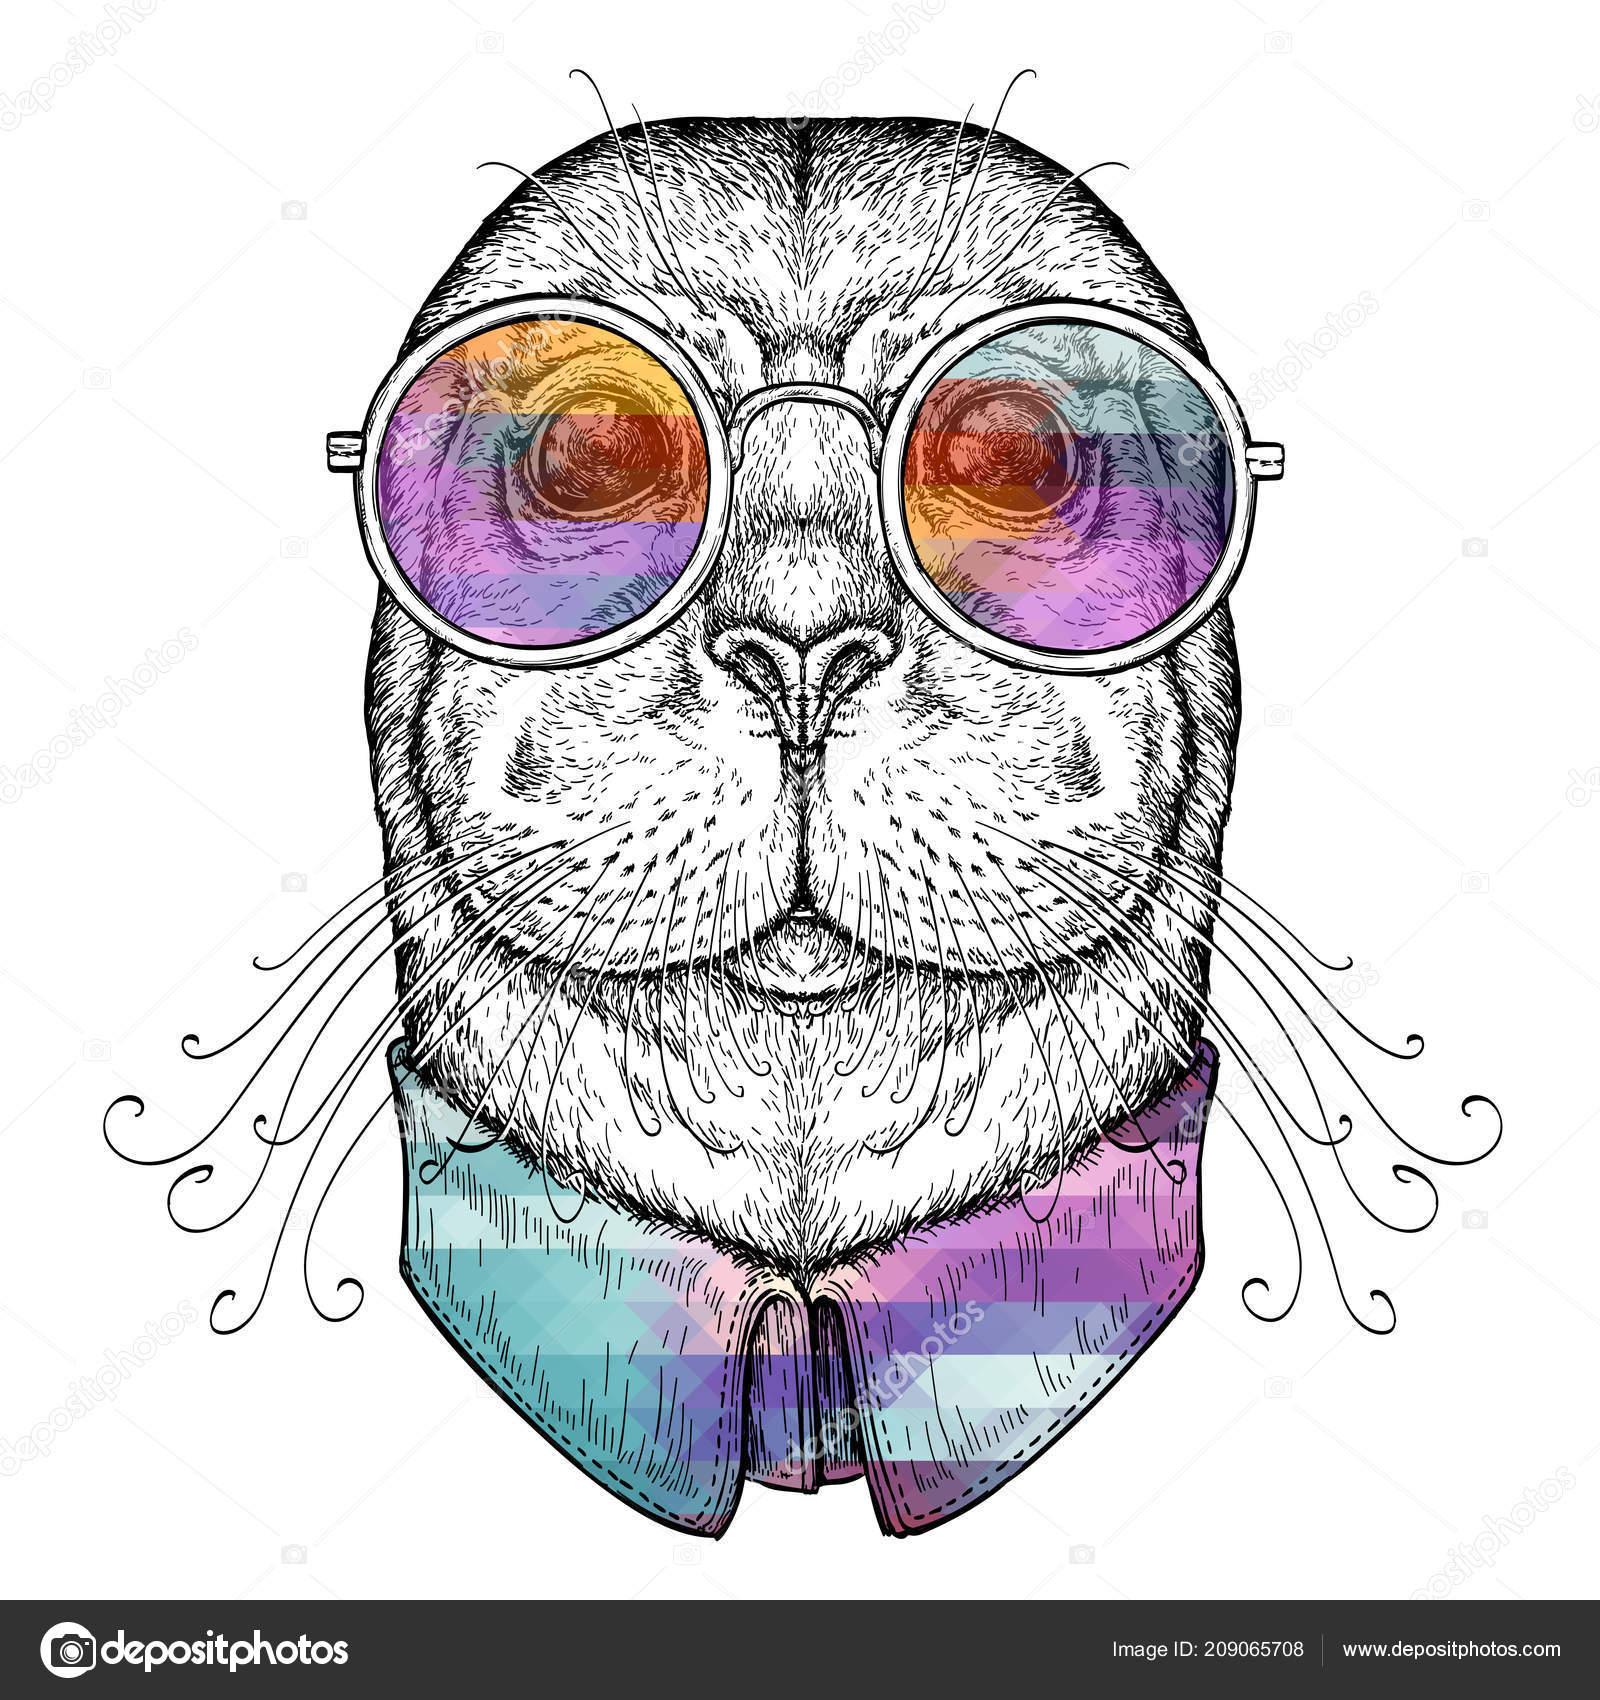 6c8b2b1c30 Χέρι Συρμένο Πορτρέτο Του Αστεία Σφραγίδα Ποτήρια Εικονογράφηση Διάνυσμα  Που — Διανυσματικό Αρχείο